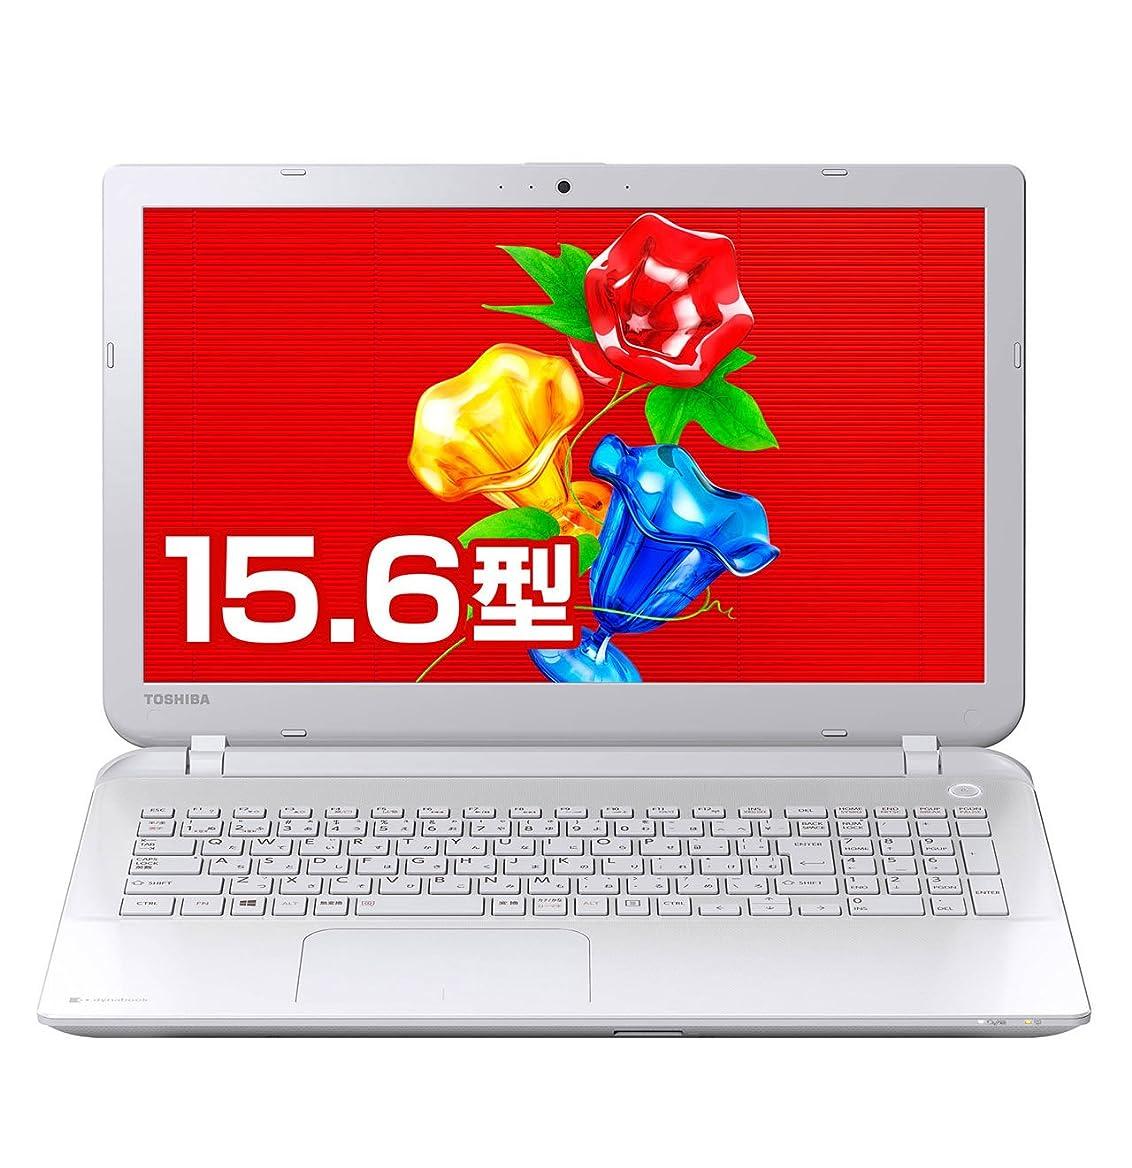 粘土虫チャネル東芝 dynabook Satellite B35/35MW 東芝Webオリジナルモデル (Windows 8.1/Officeなし/15.6型/4K出力/Bluetooth/core i5/リュクスホワイト) PB35-35MSUWW